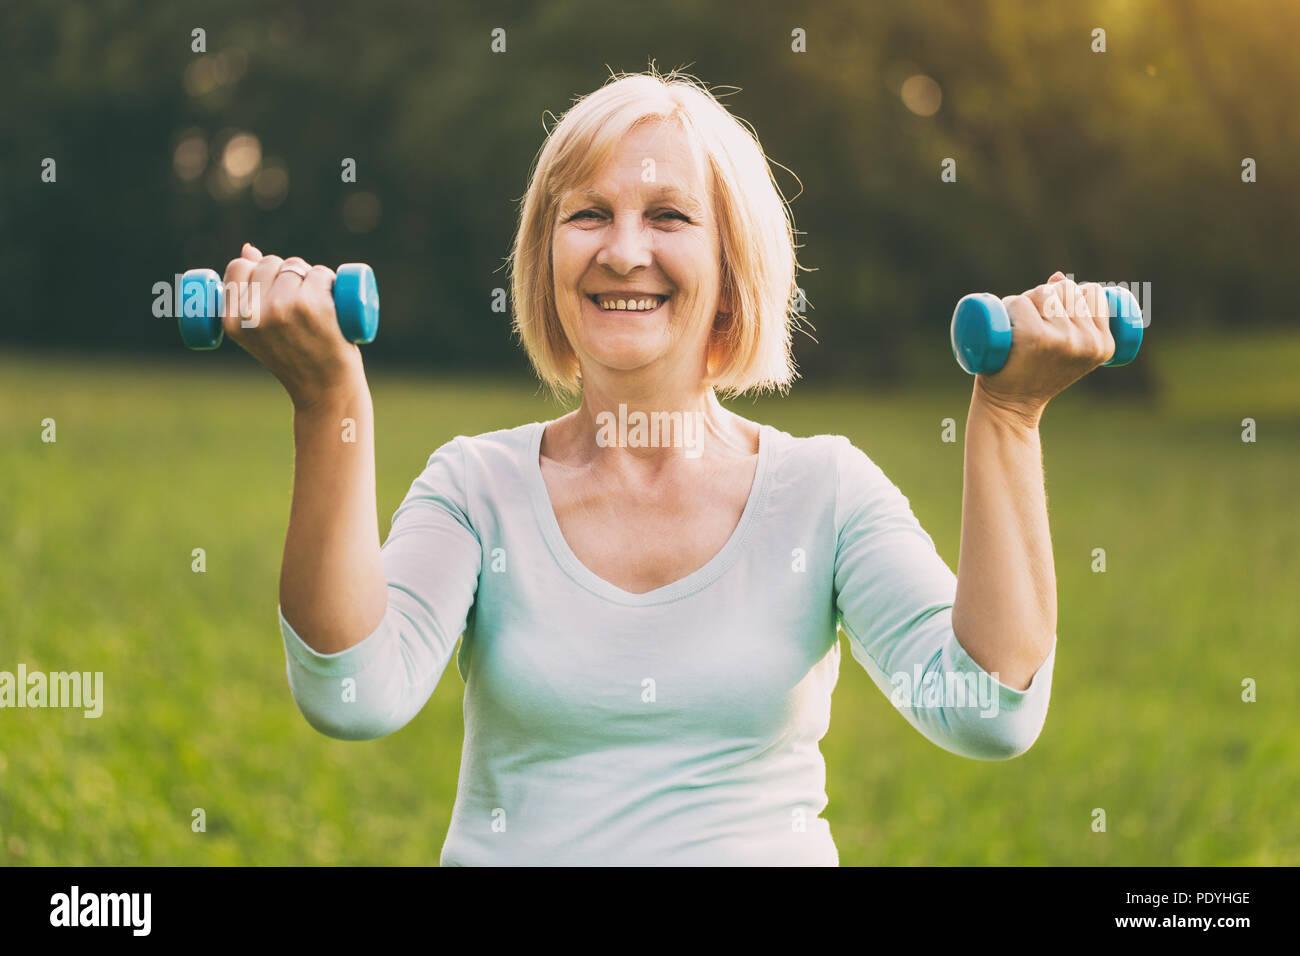 Mujer senior deportivo el ejercicio con pesas outdoor.Imagen es intencionalmente tonificado. Imagen De Stock